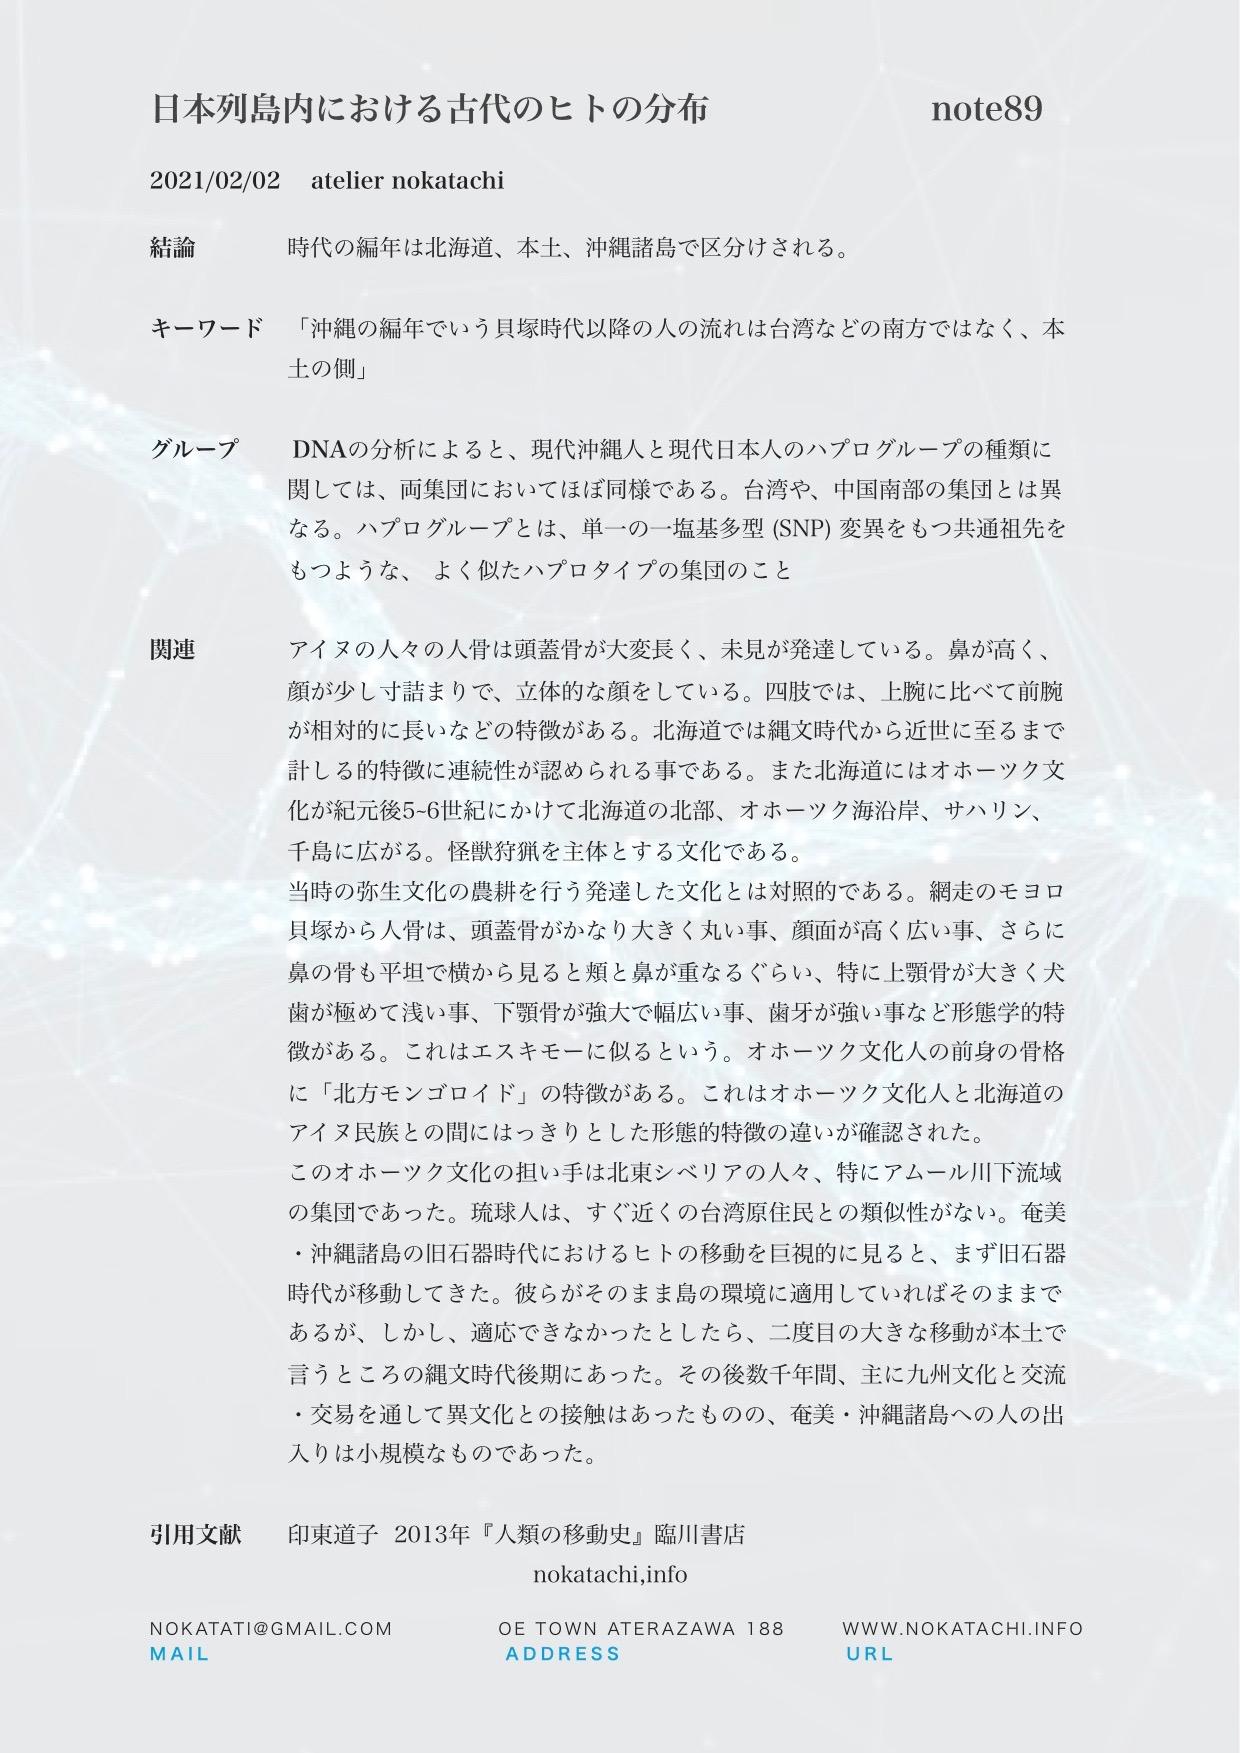 【レポート】日本列島内における古代のヒトの分布